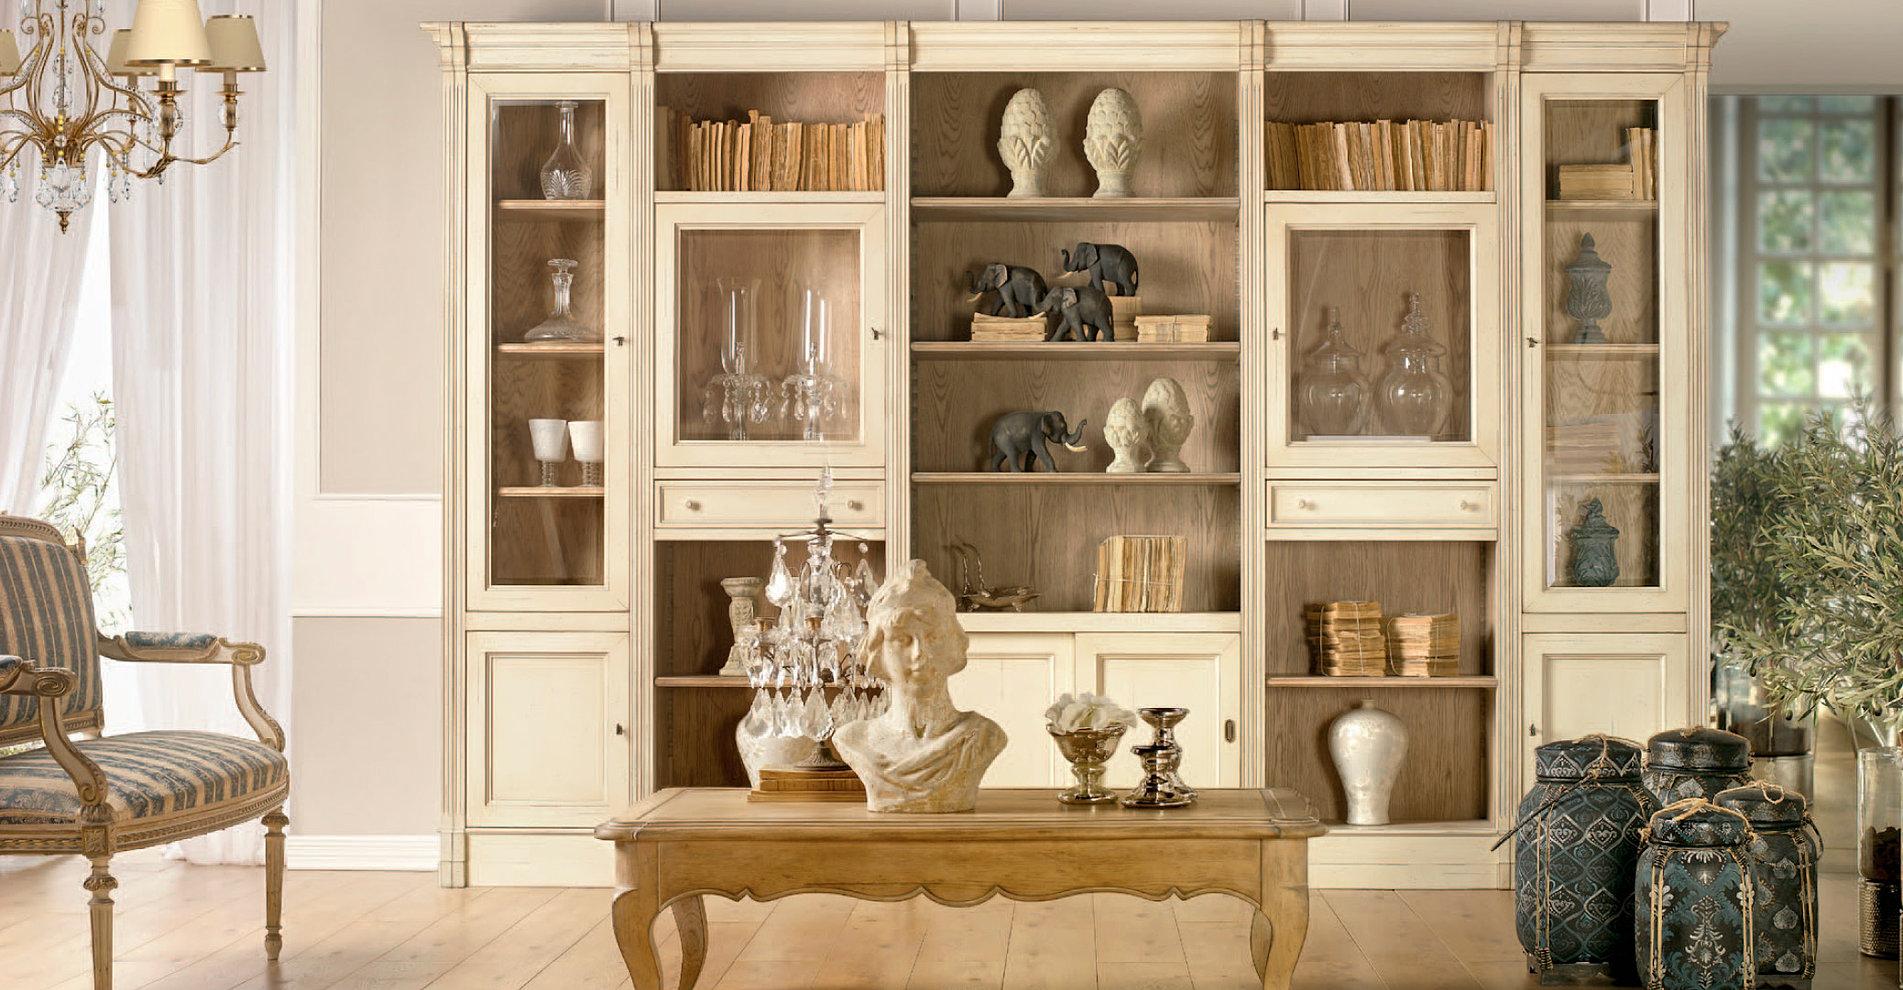 Tienda de muebles monen comedores clasicos madrid - Comedores clasicos ...